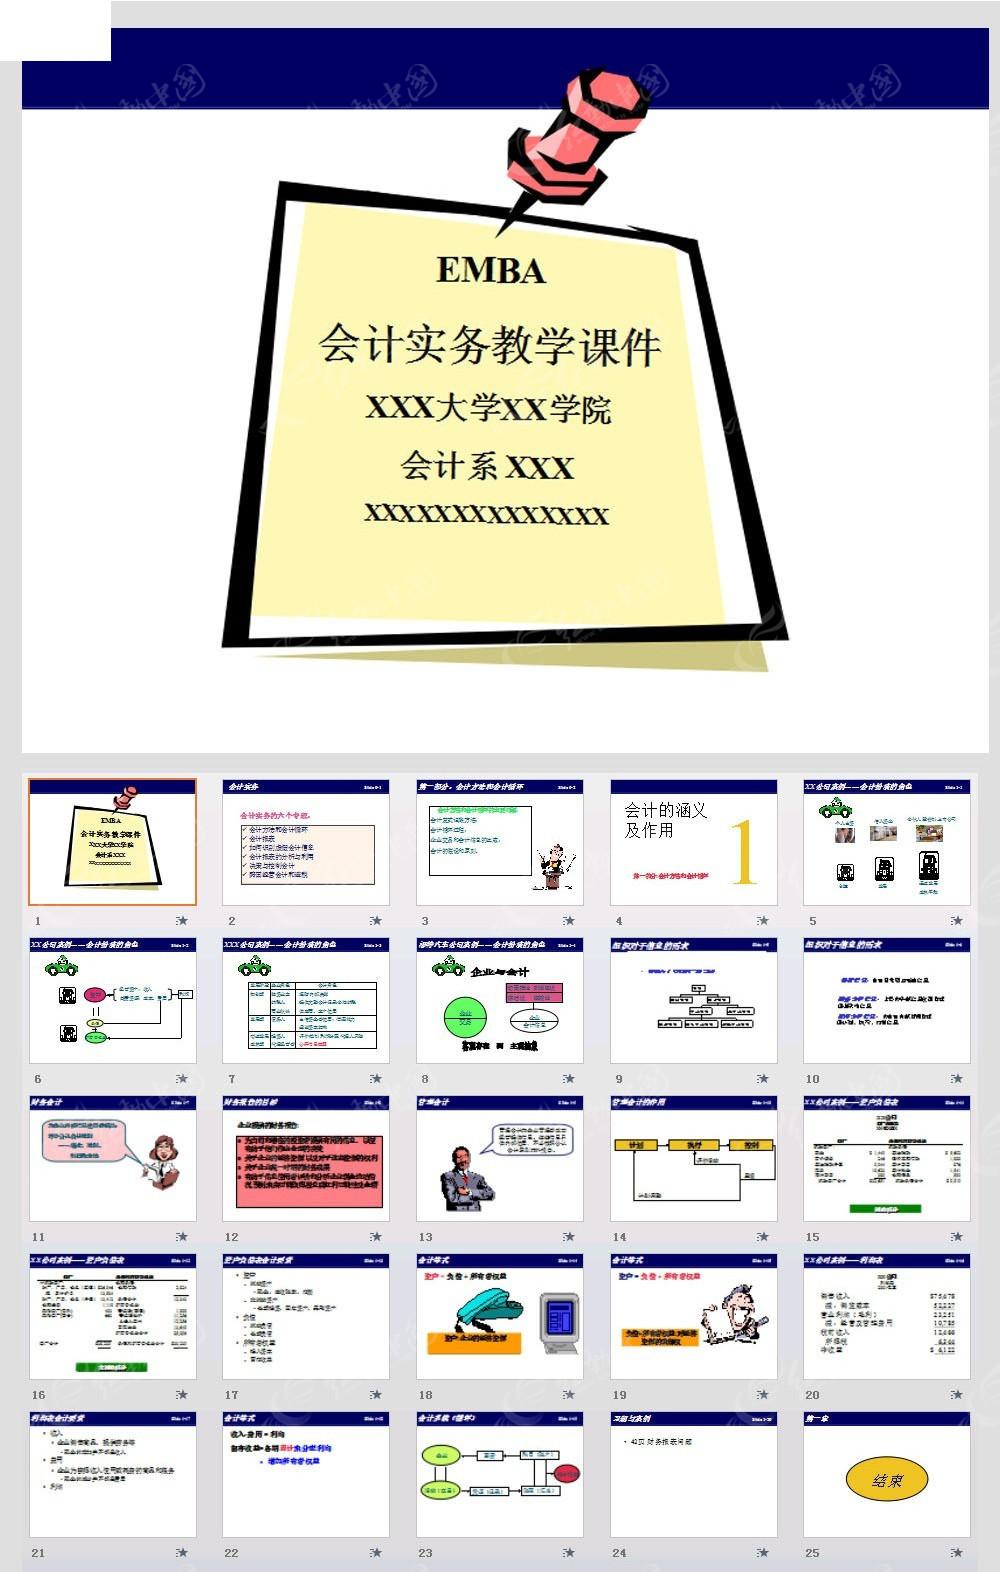 教学课件演示文稿模板ppt素材免费下载 编号3864554 红动网